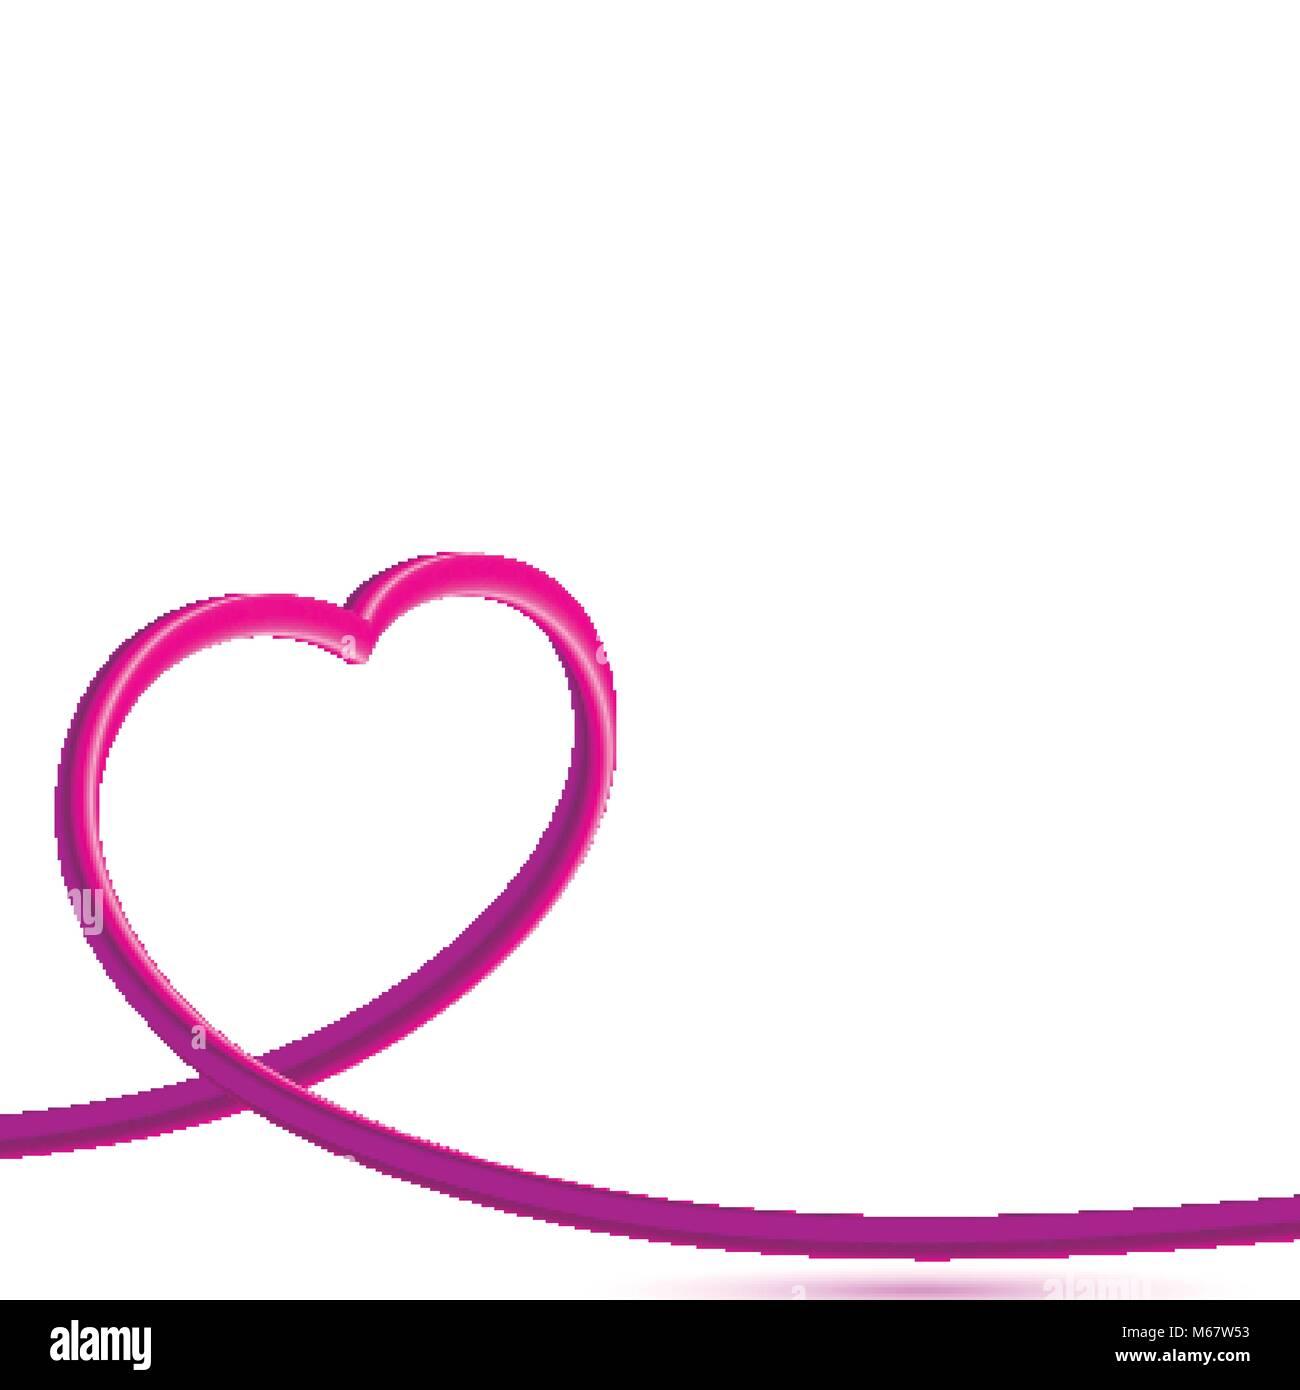 Coeur Rose 3d Silhouette Sur Fond Blanc Valentines Day Carte De Vœux Ou D Invitation De Mariage Partie Arriere Plan Design Vector Illustration Image Vectorielle Stock Alamy